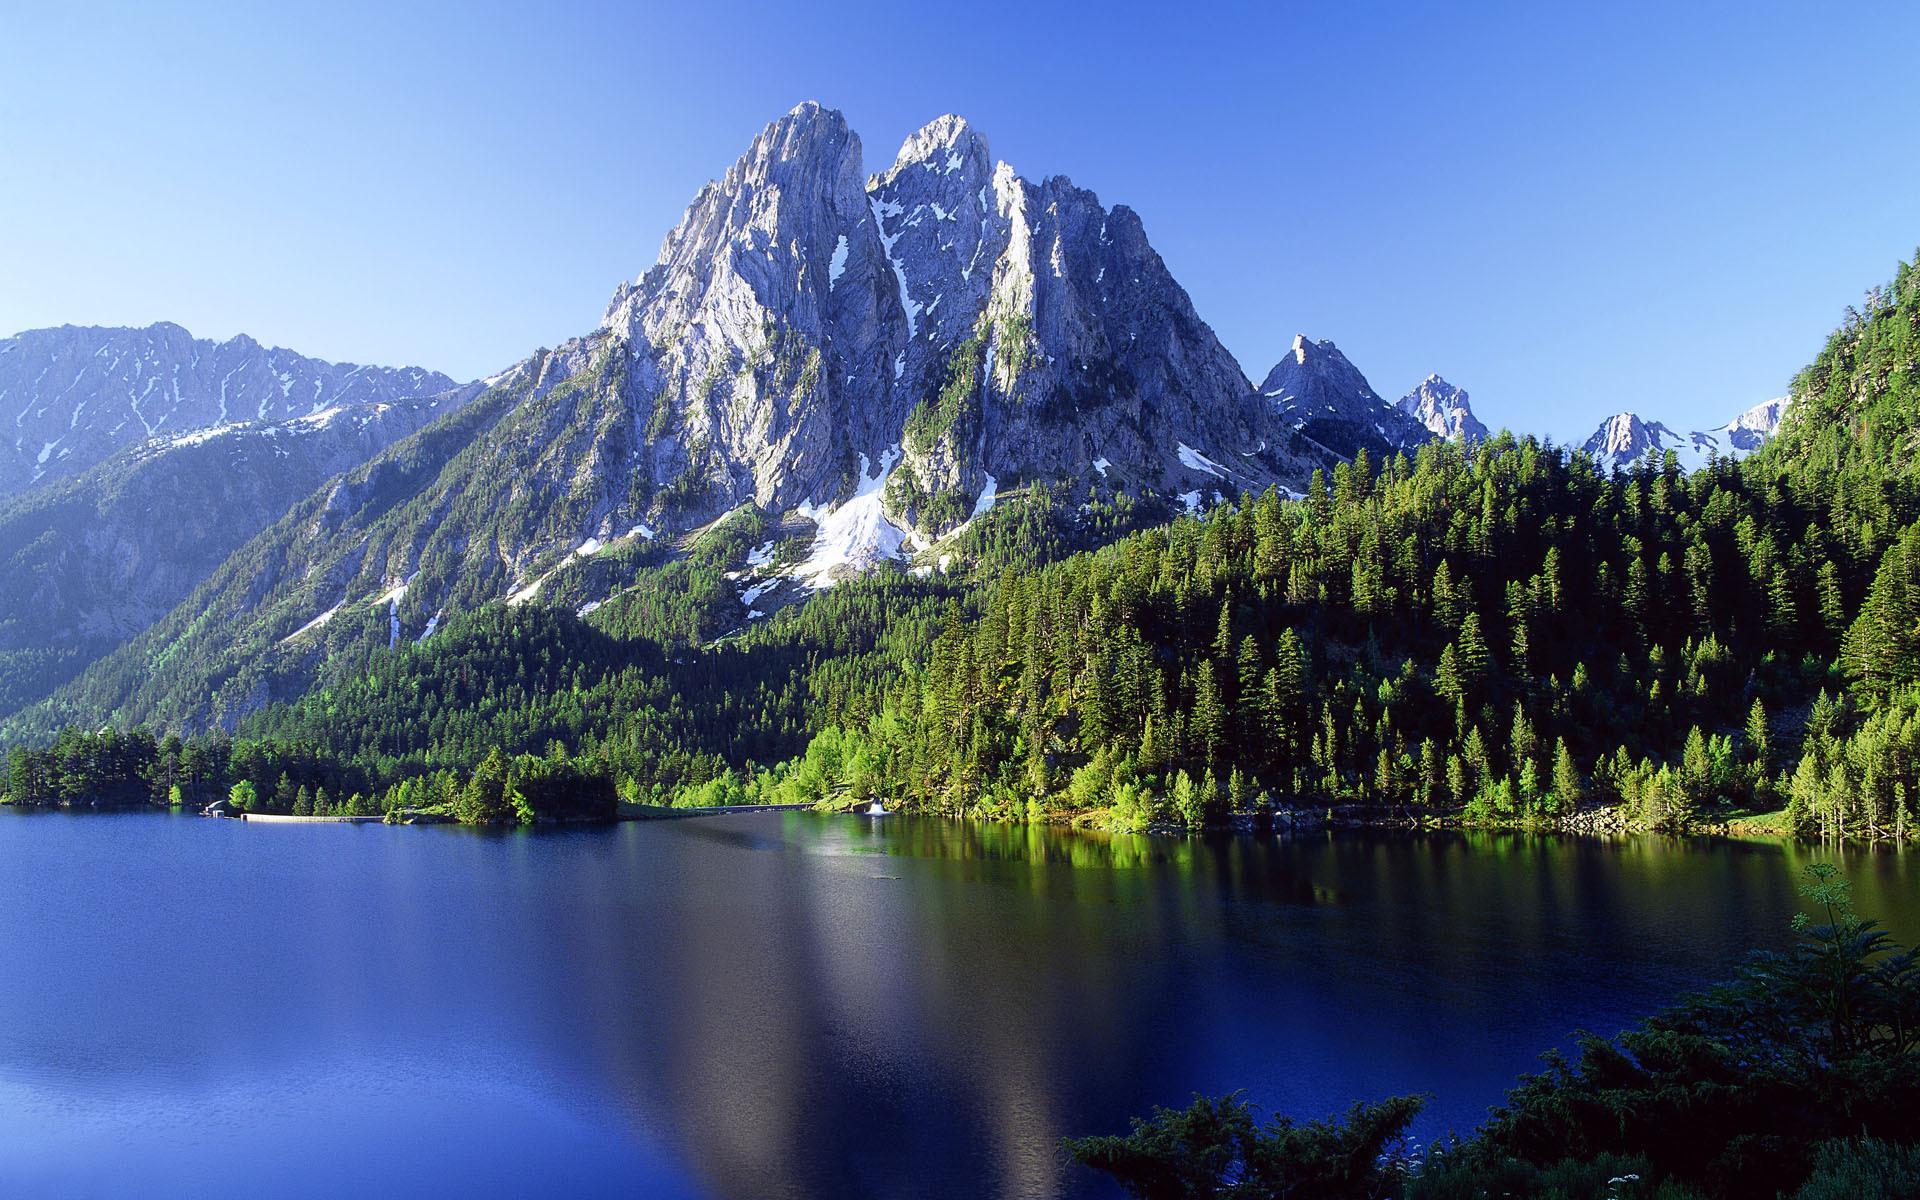 23140 скачать обои Пейзаж, Деревья, Горы, Озера - заставки и картинки бесплатно